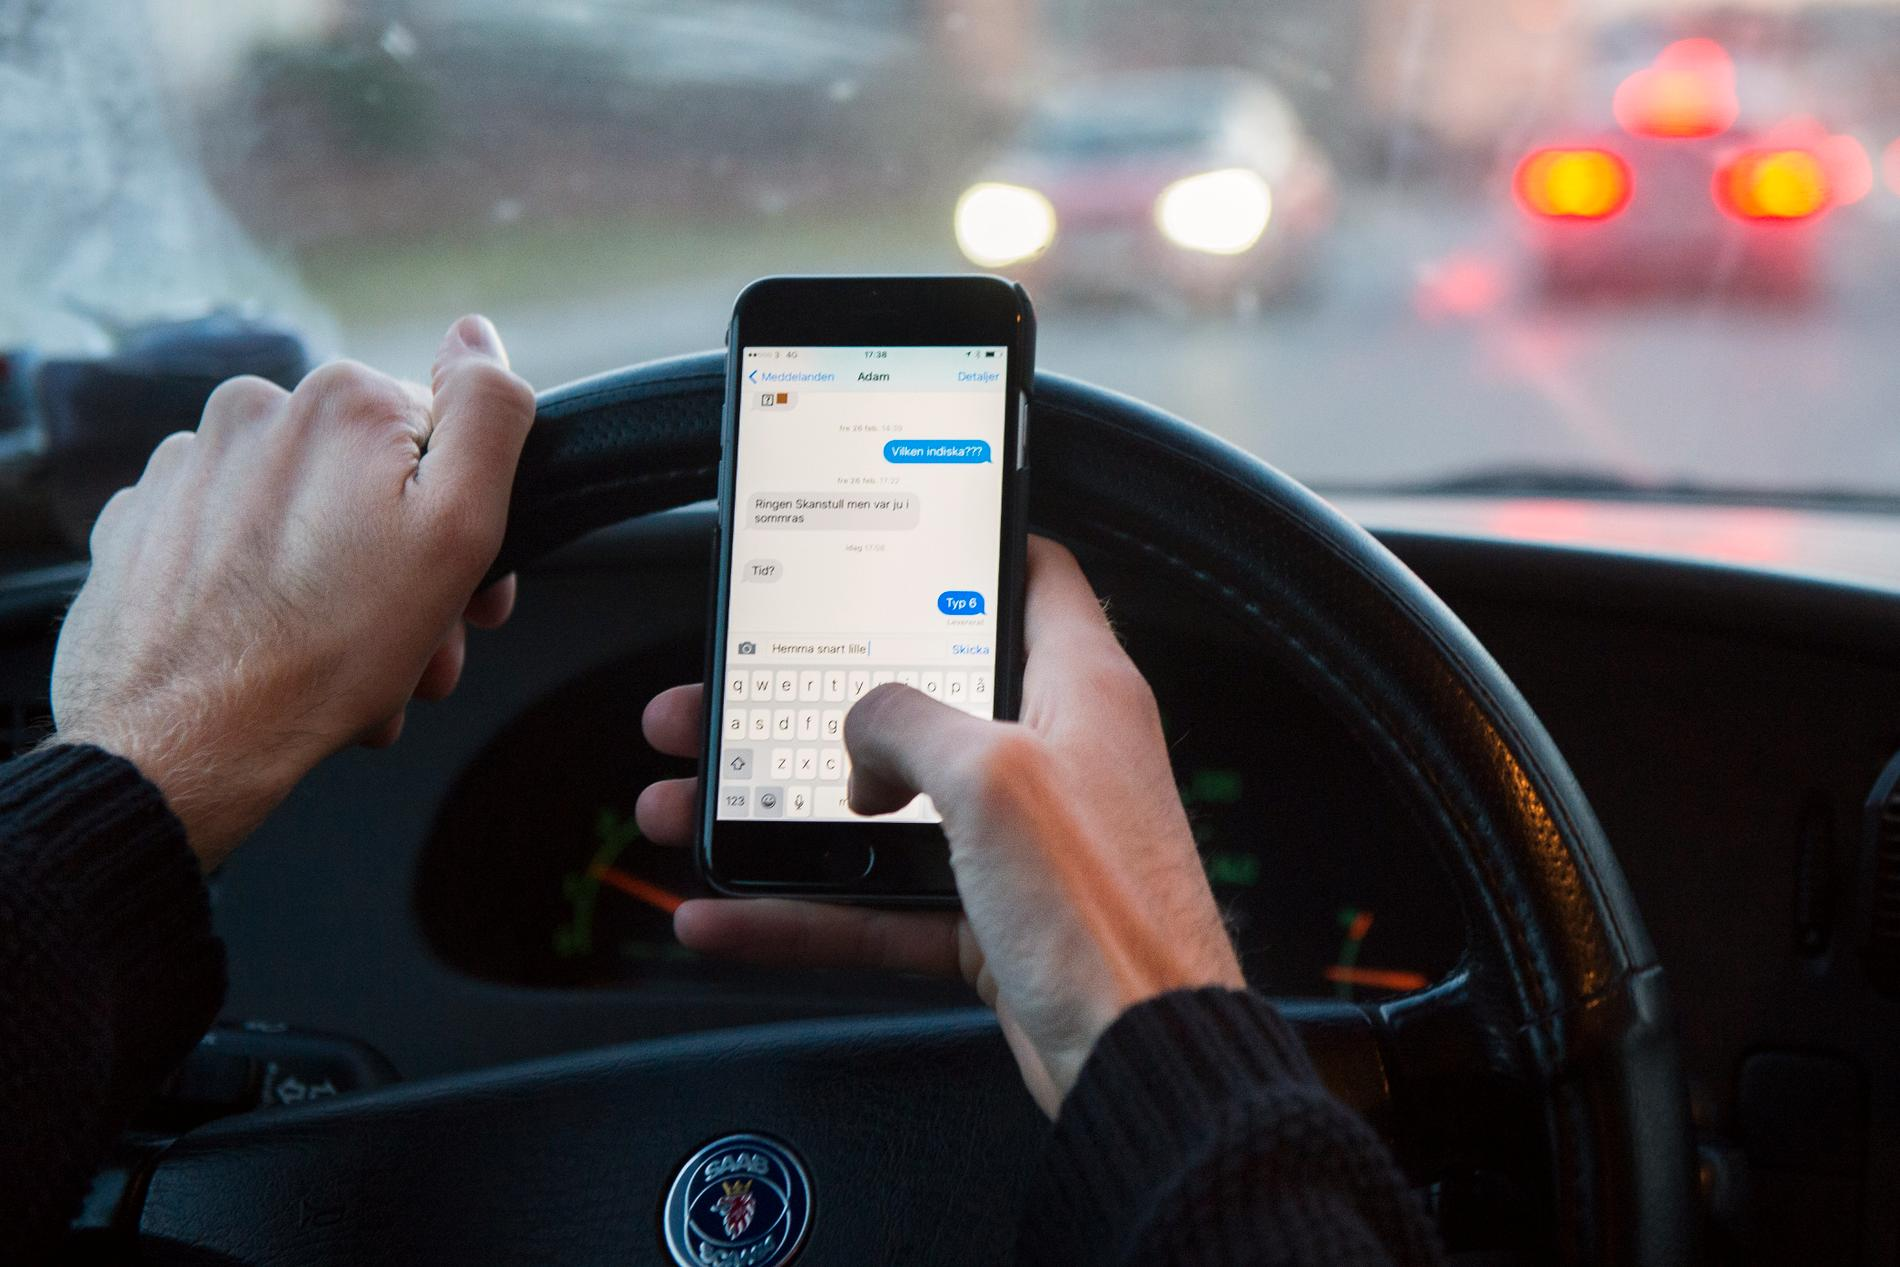 Den som använder mobilen under bilkörning ska nu kunna bötfällas direkt. Arkivbild.